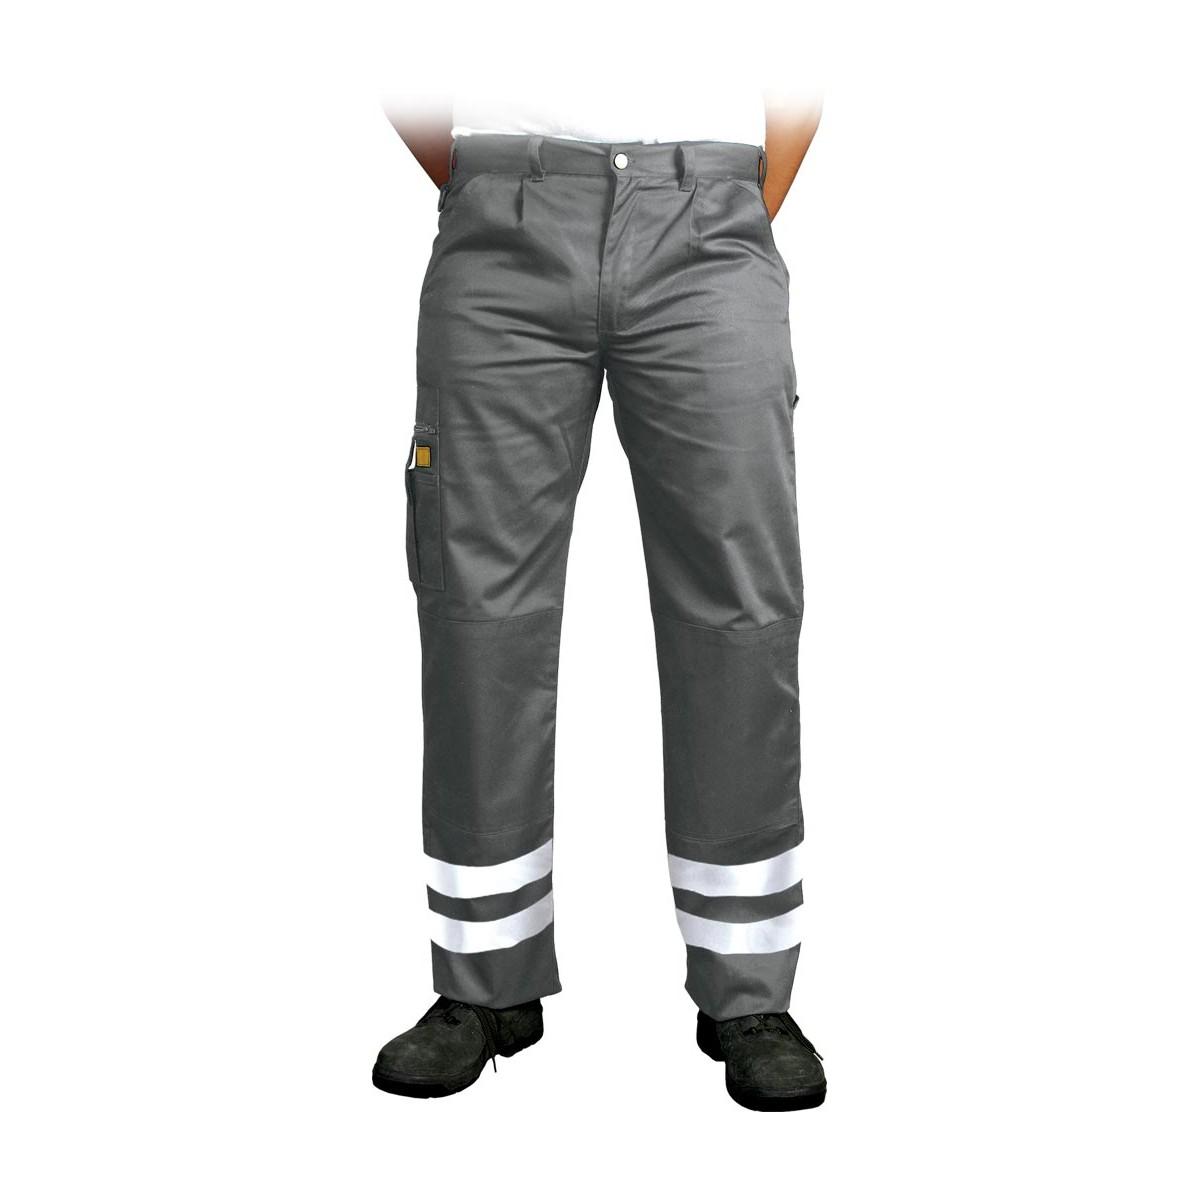 Spodnie ochronne do pasa pasy odblaskowe Vizlite LH VOBSTER X szare